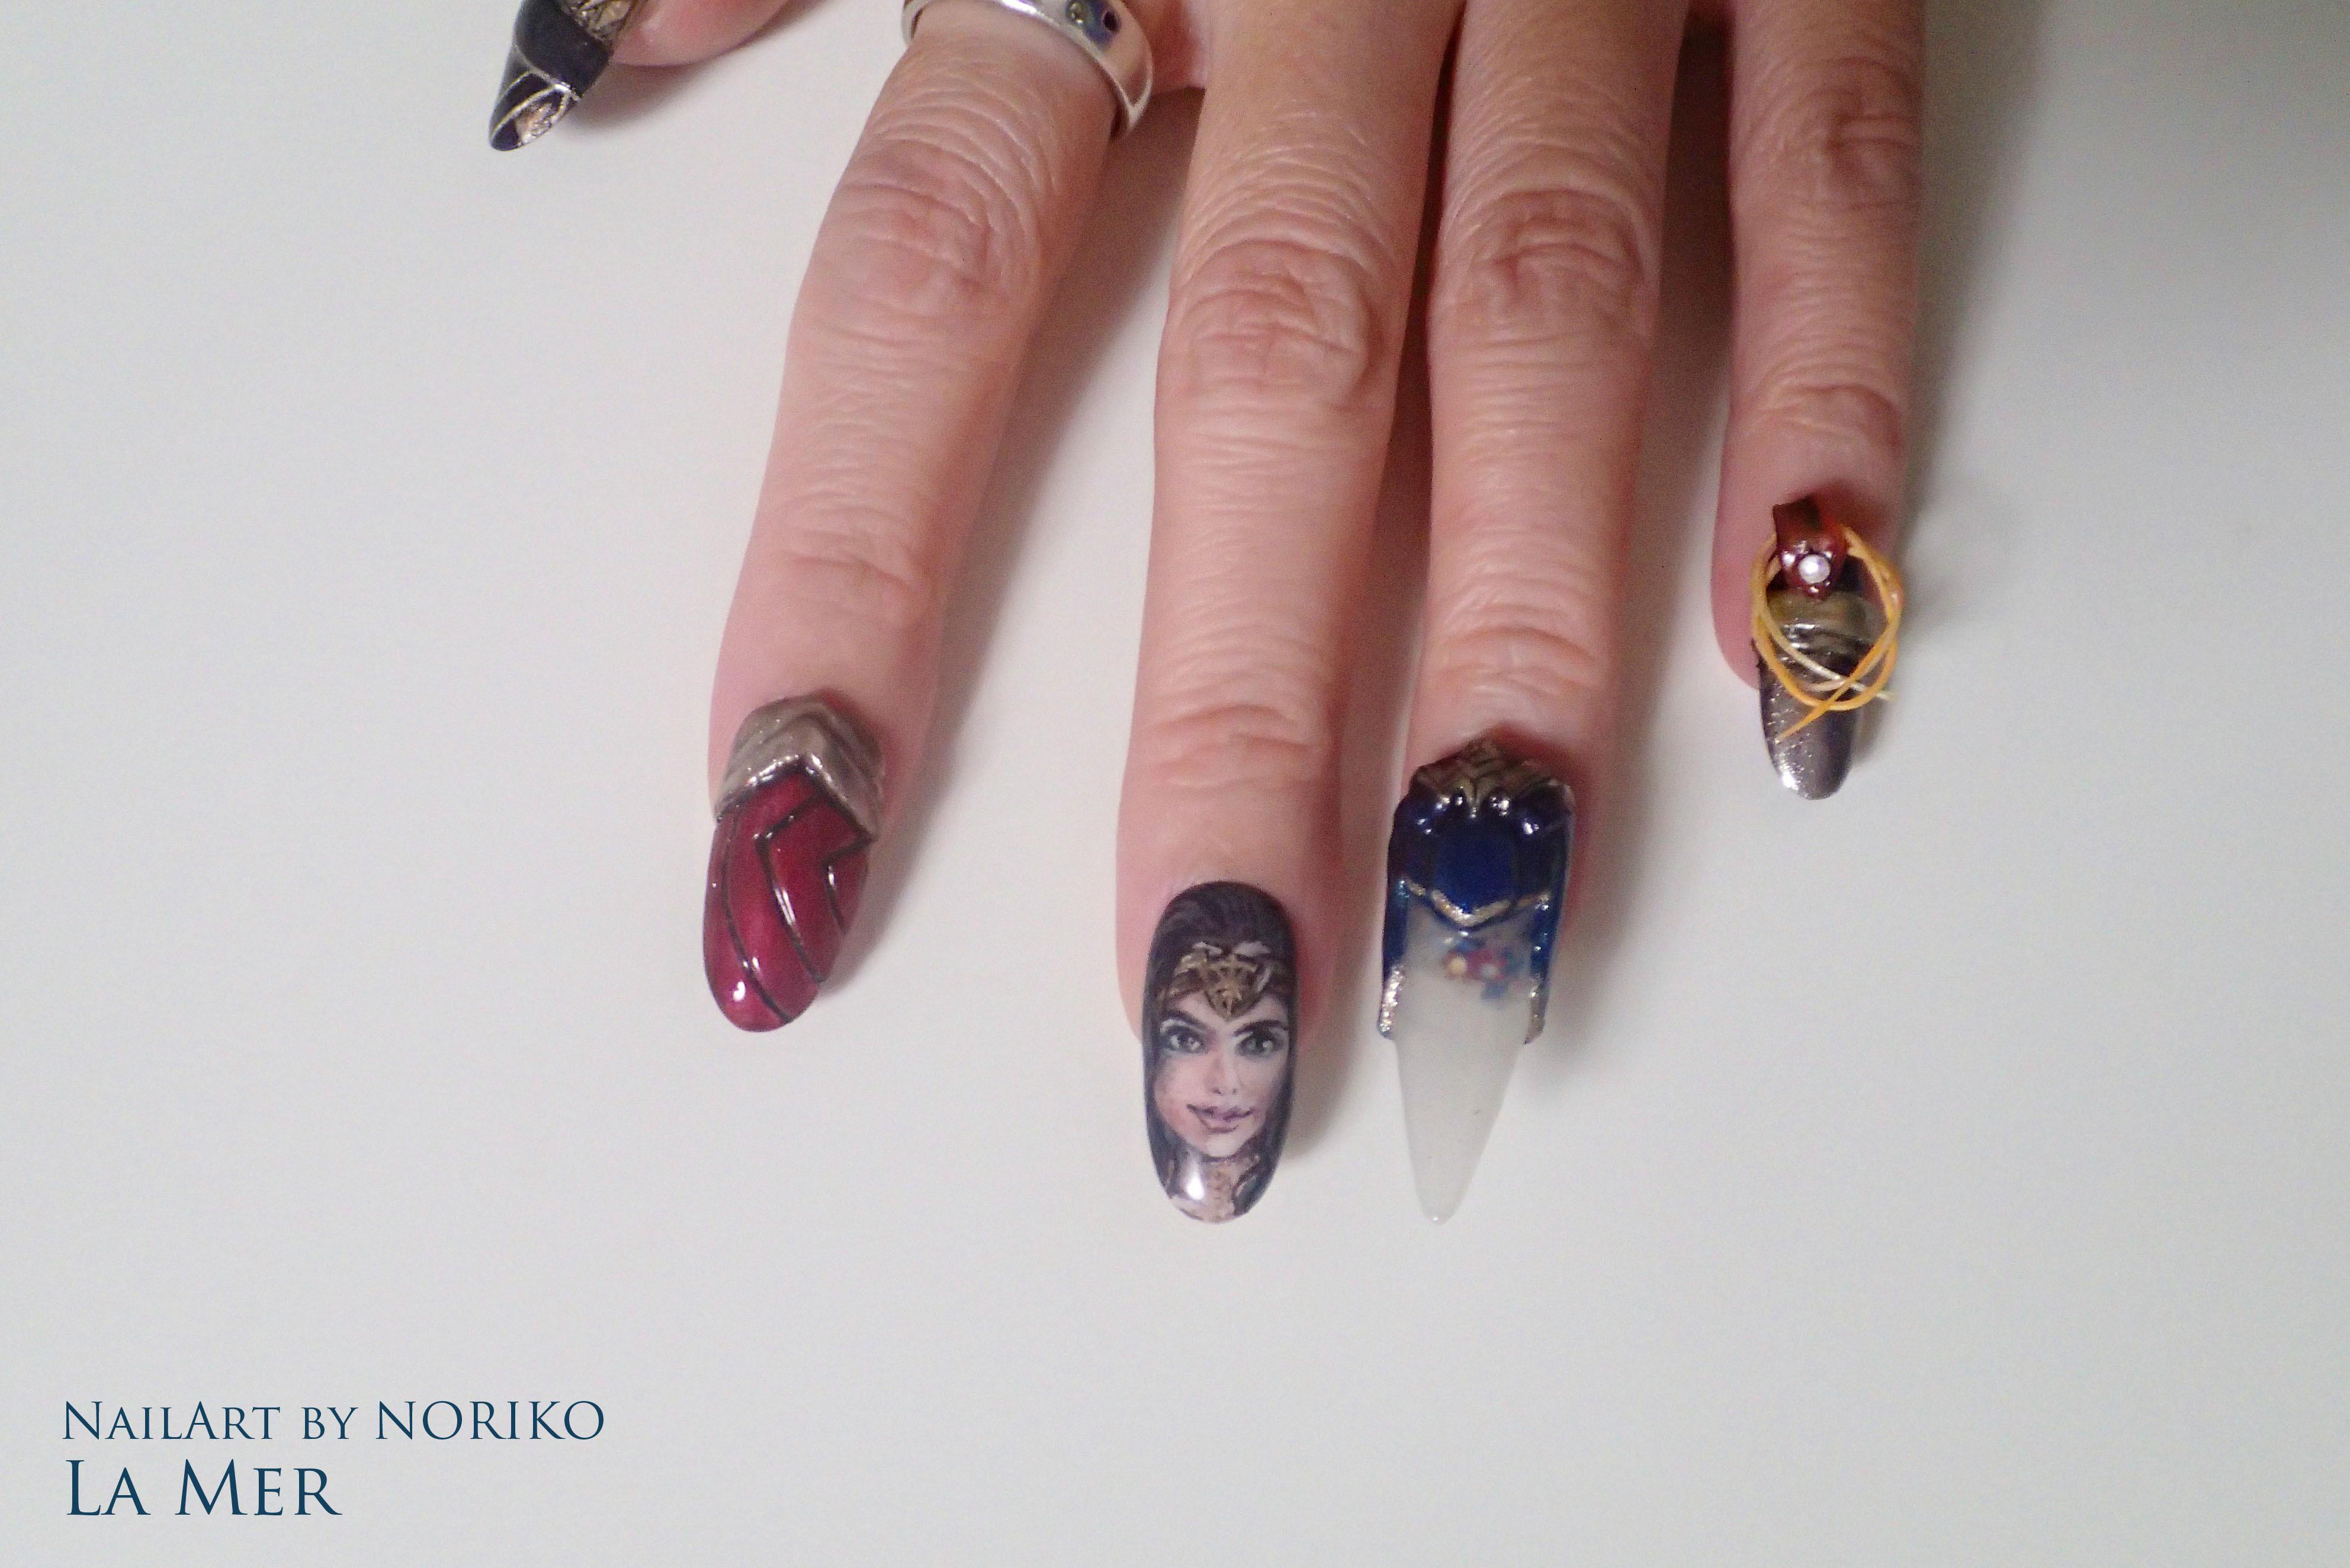 Nail Artist : NORIKO/ 典子 WONDER WOMAN25